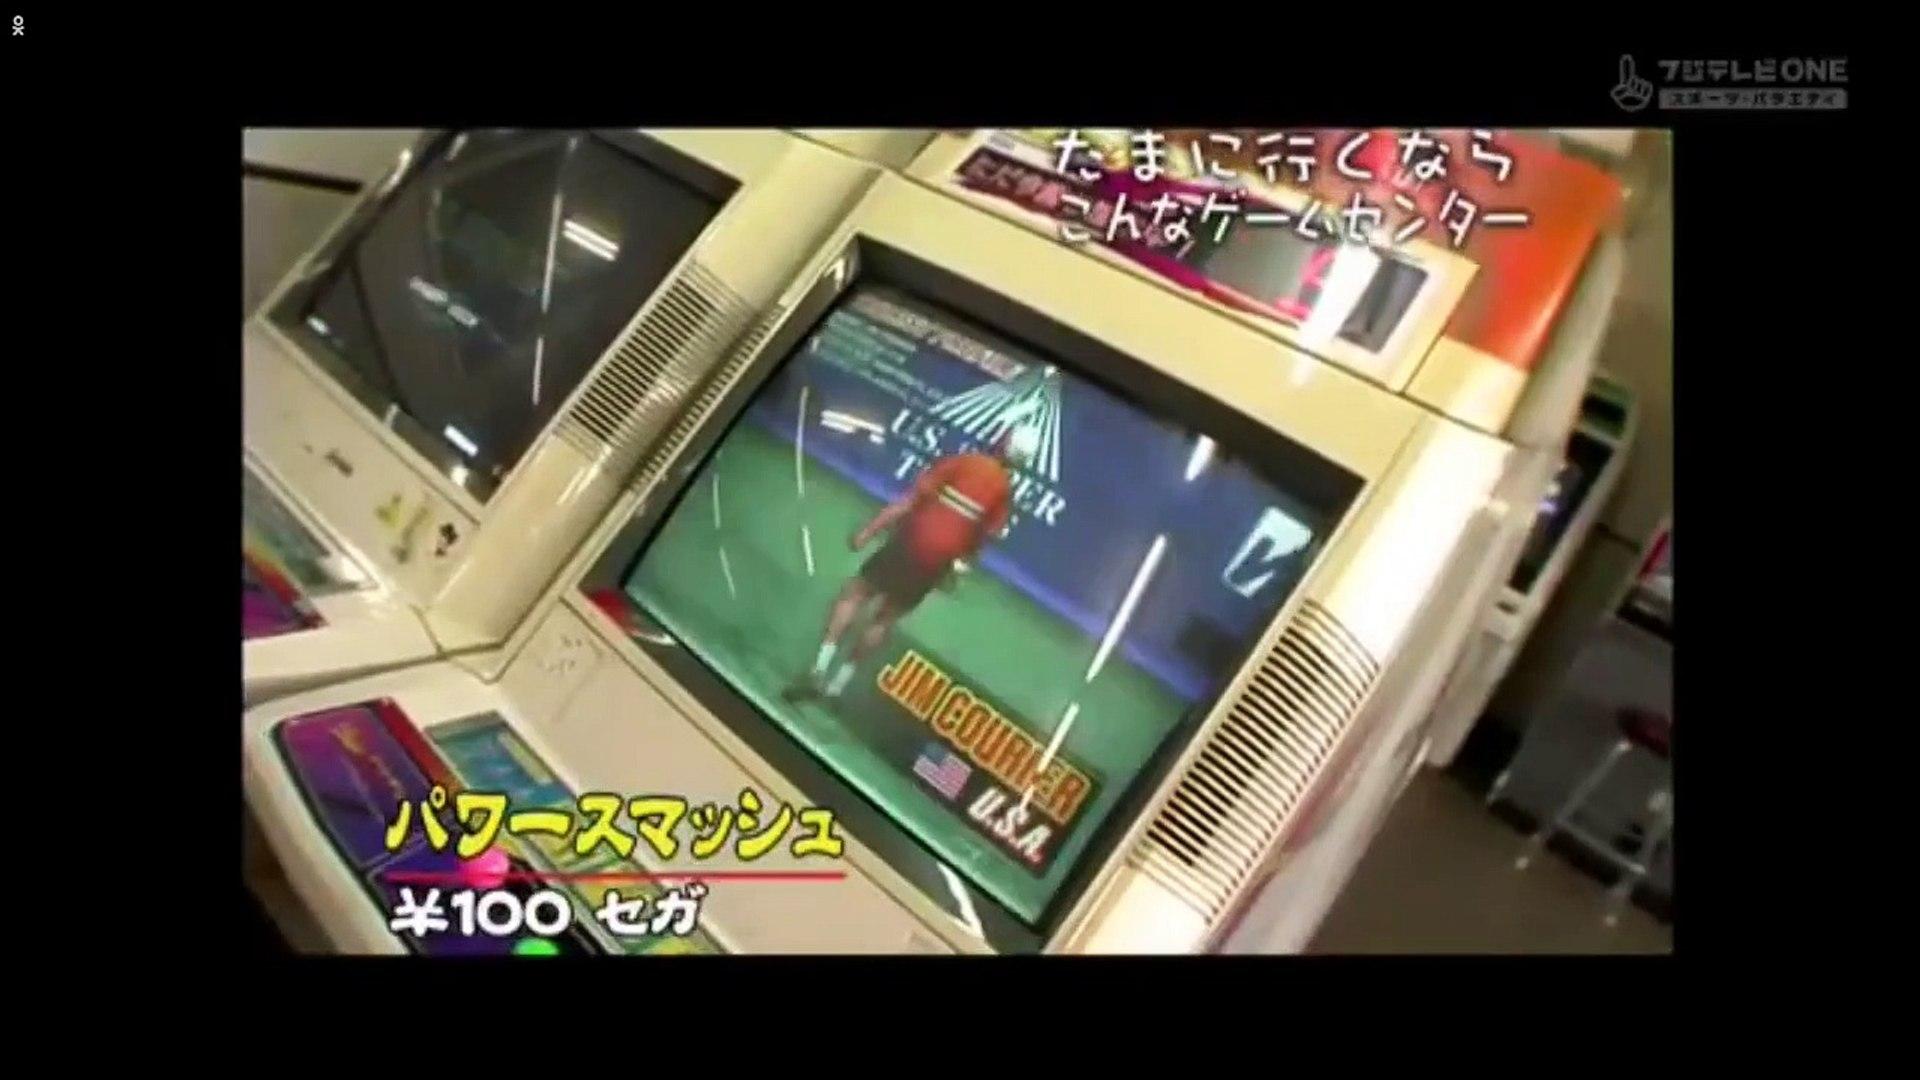 ゲームセンターcx 286